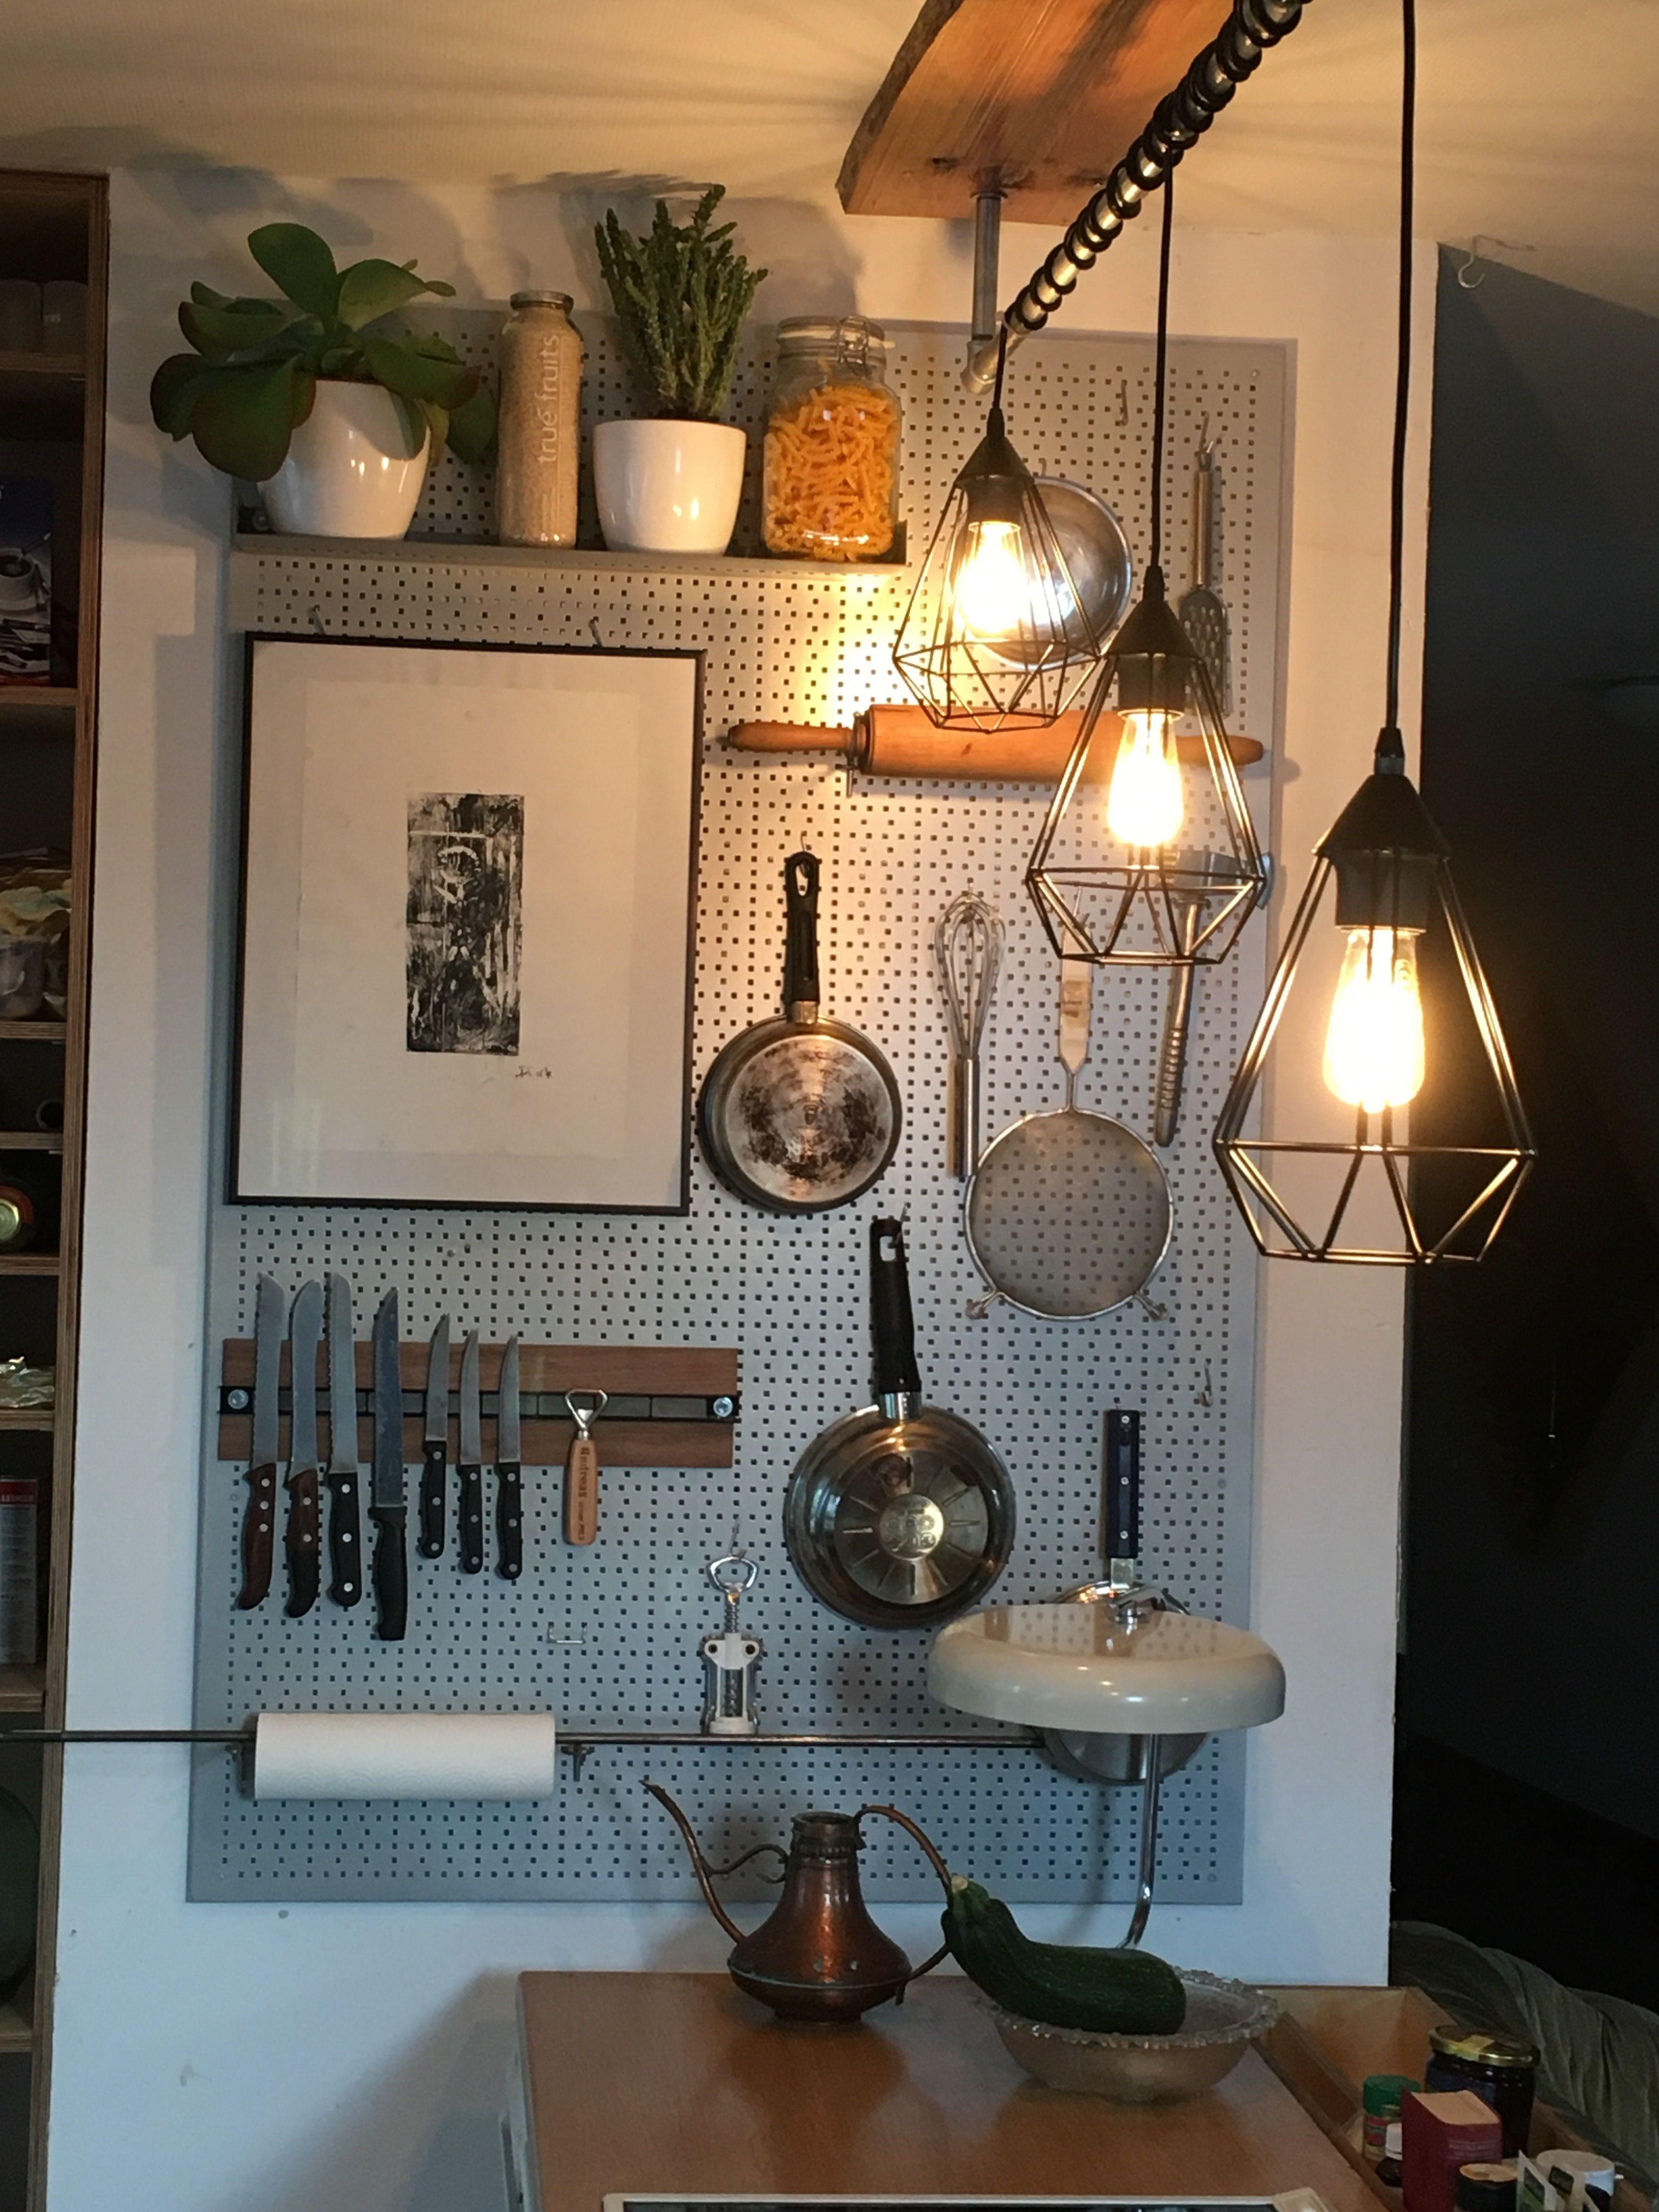 lampen #küche #industrie #lochwand #hängelampen | Pinboards in 2019 ...